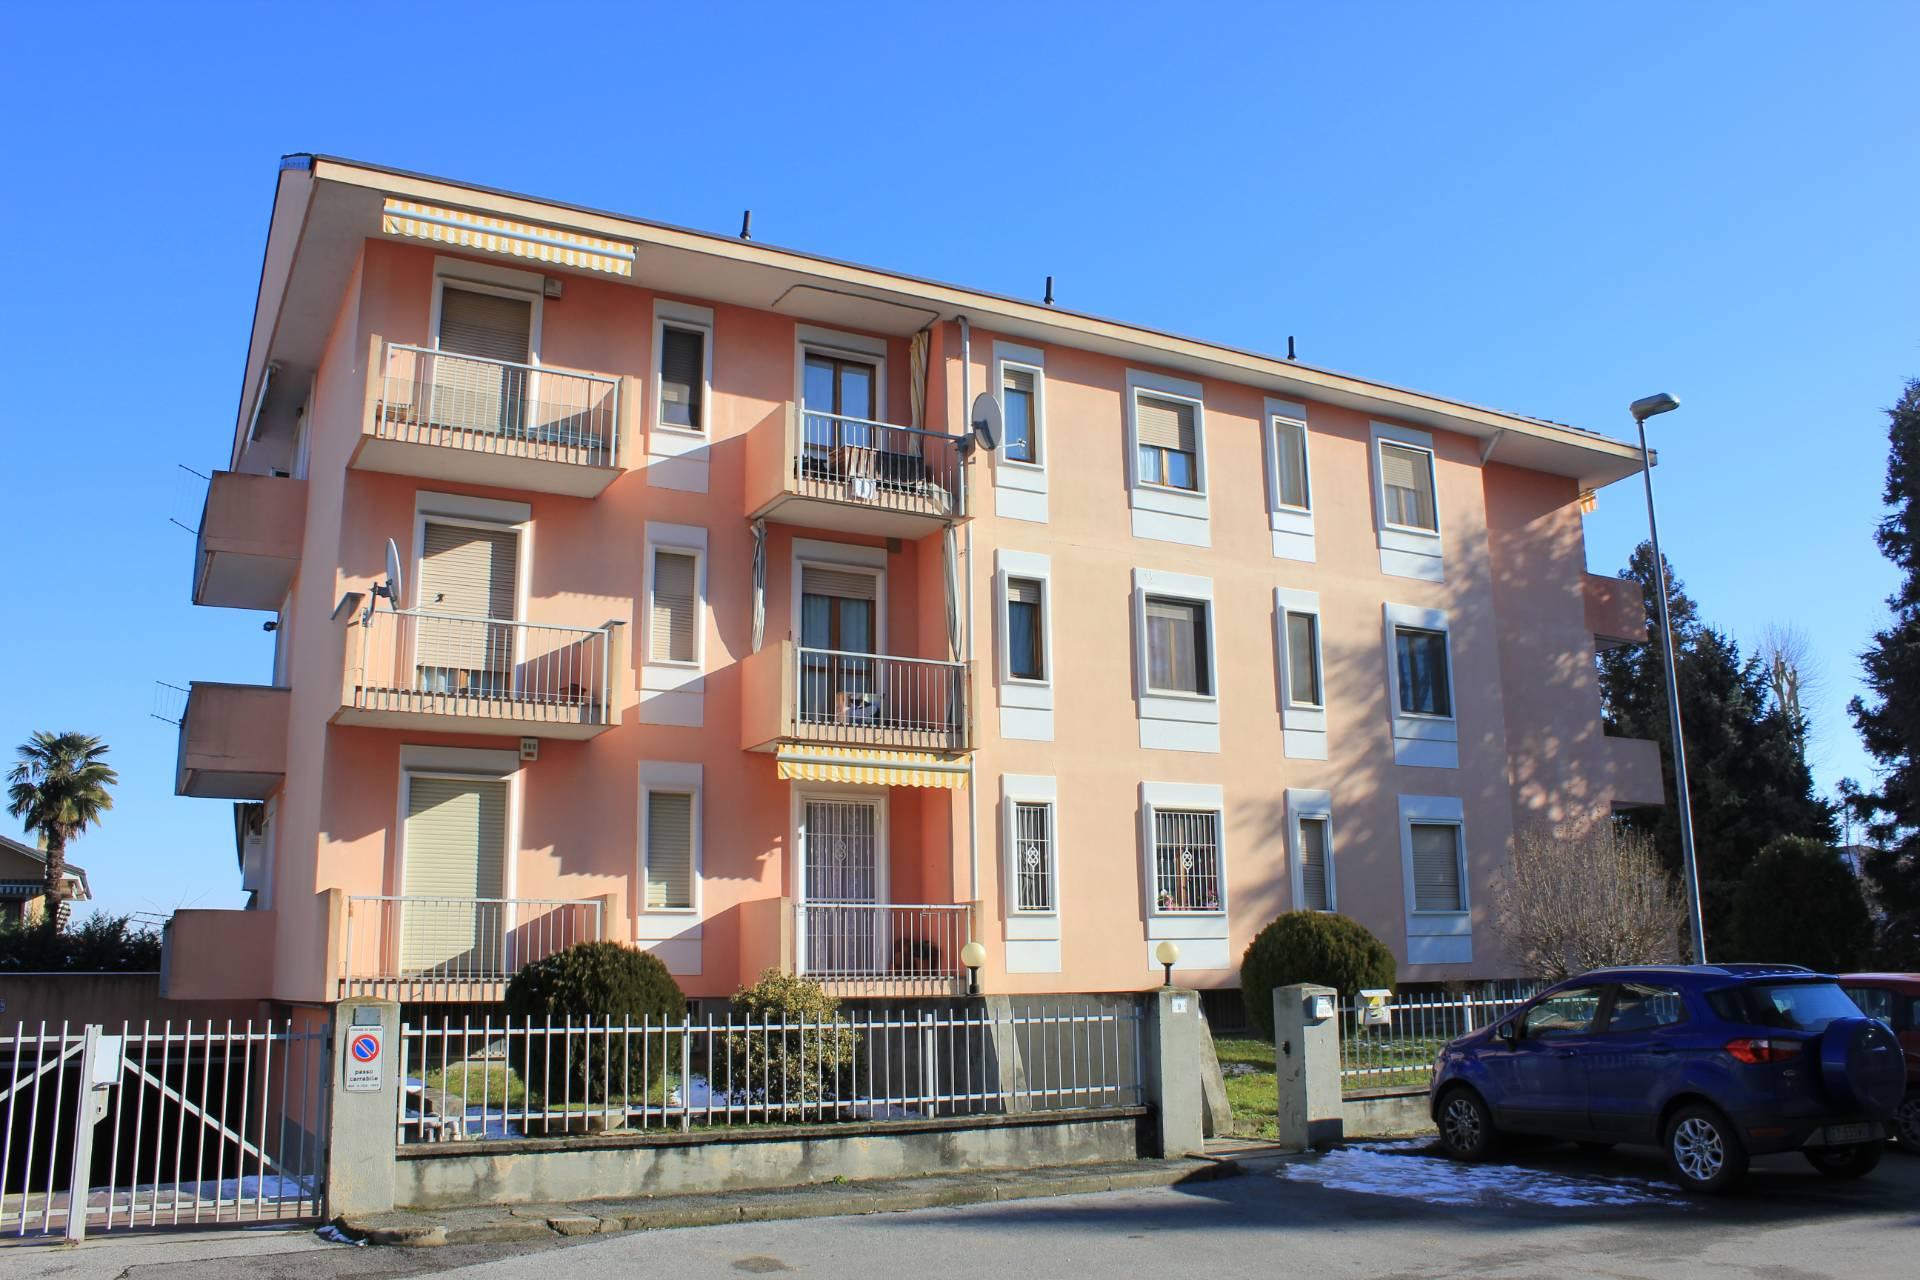 Appartamento in vendita a Airasca, 3 locali, prezzo € 85.000 | PortaleAgenzieImmobiliari.it